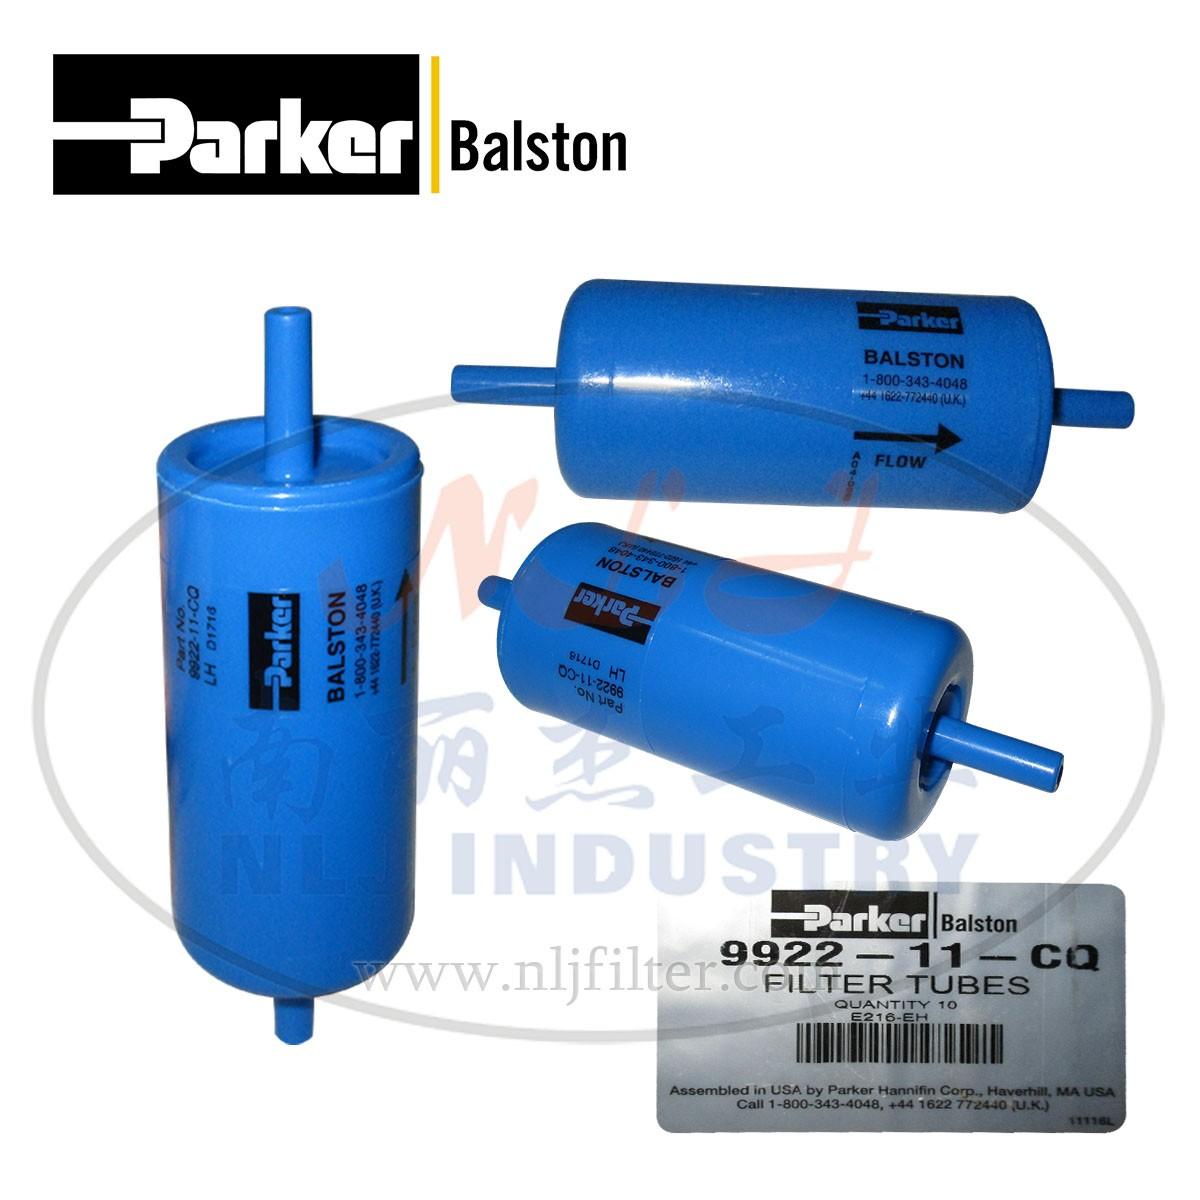 Parker 派克 Balston 过滤器9922-11-CQ